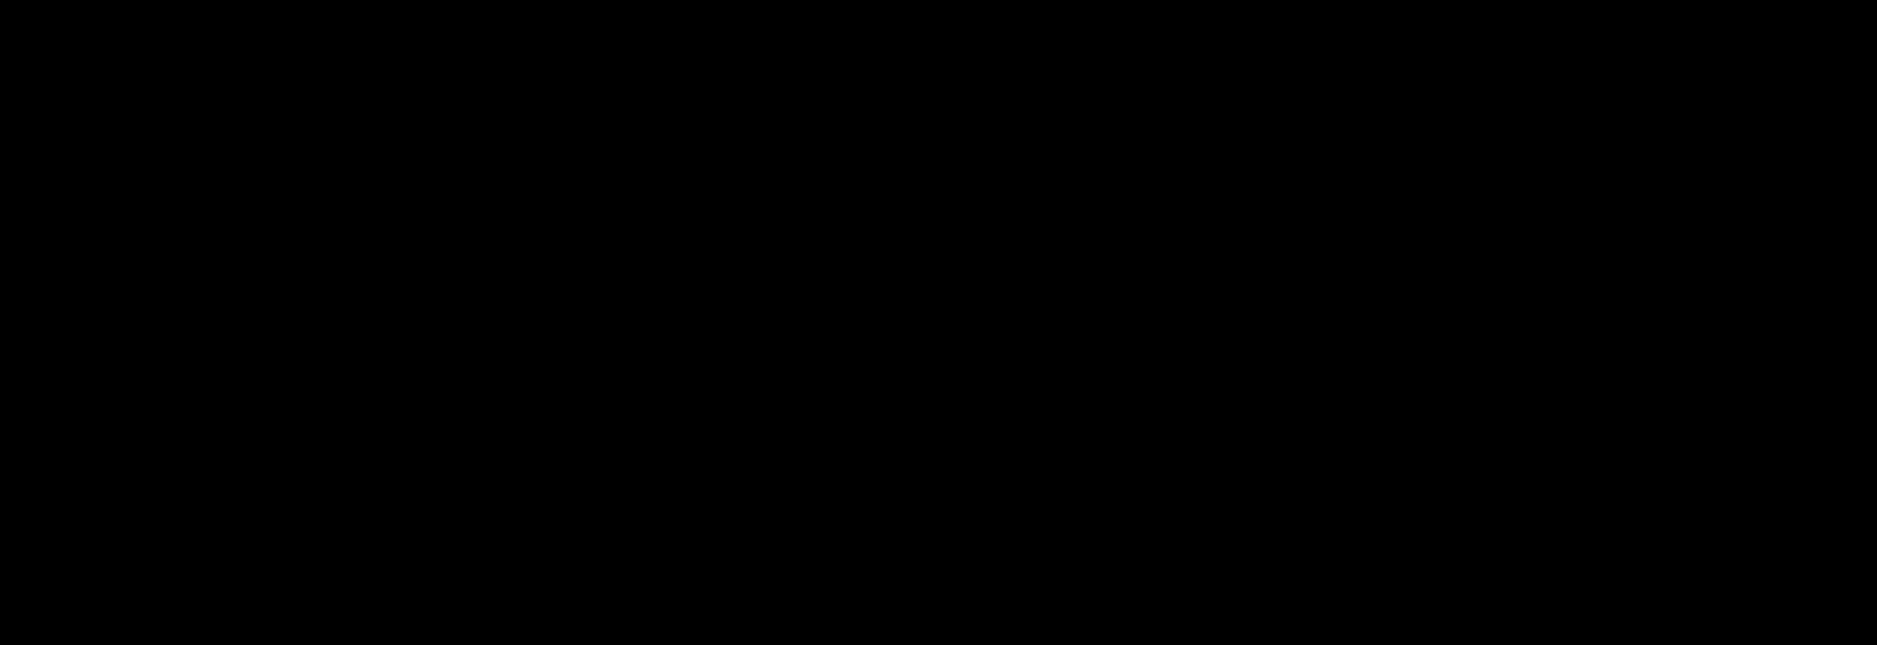 Formula for light reflectance value